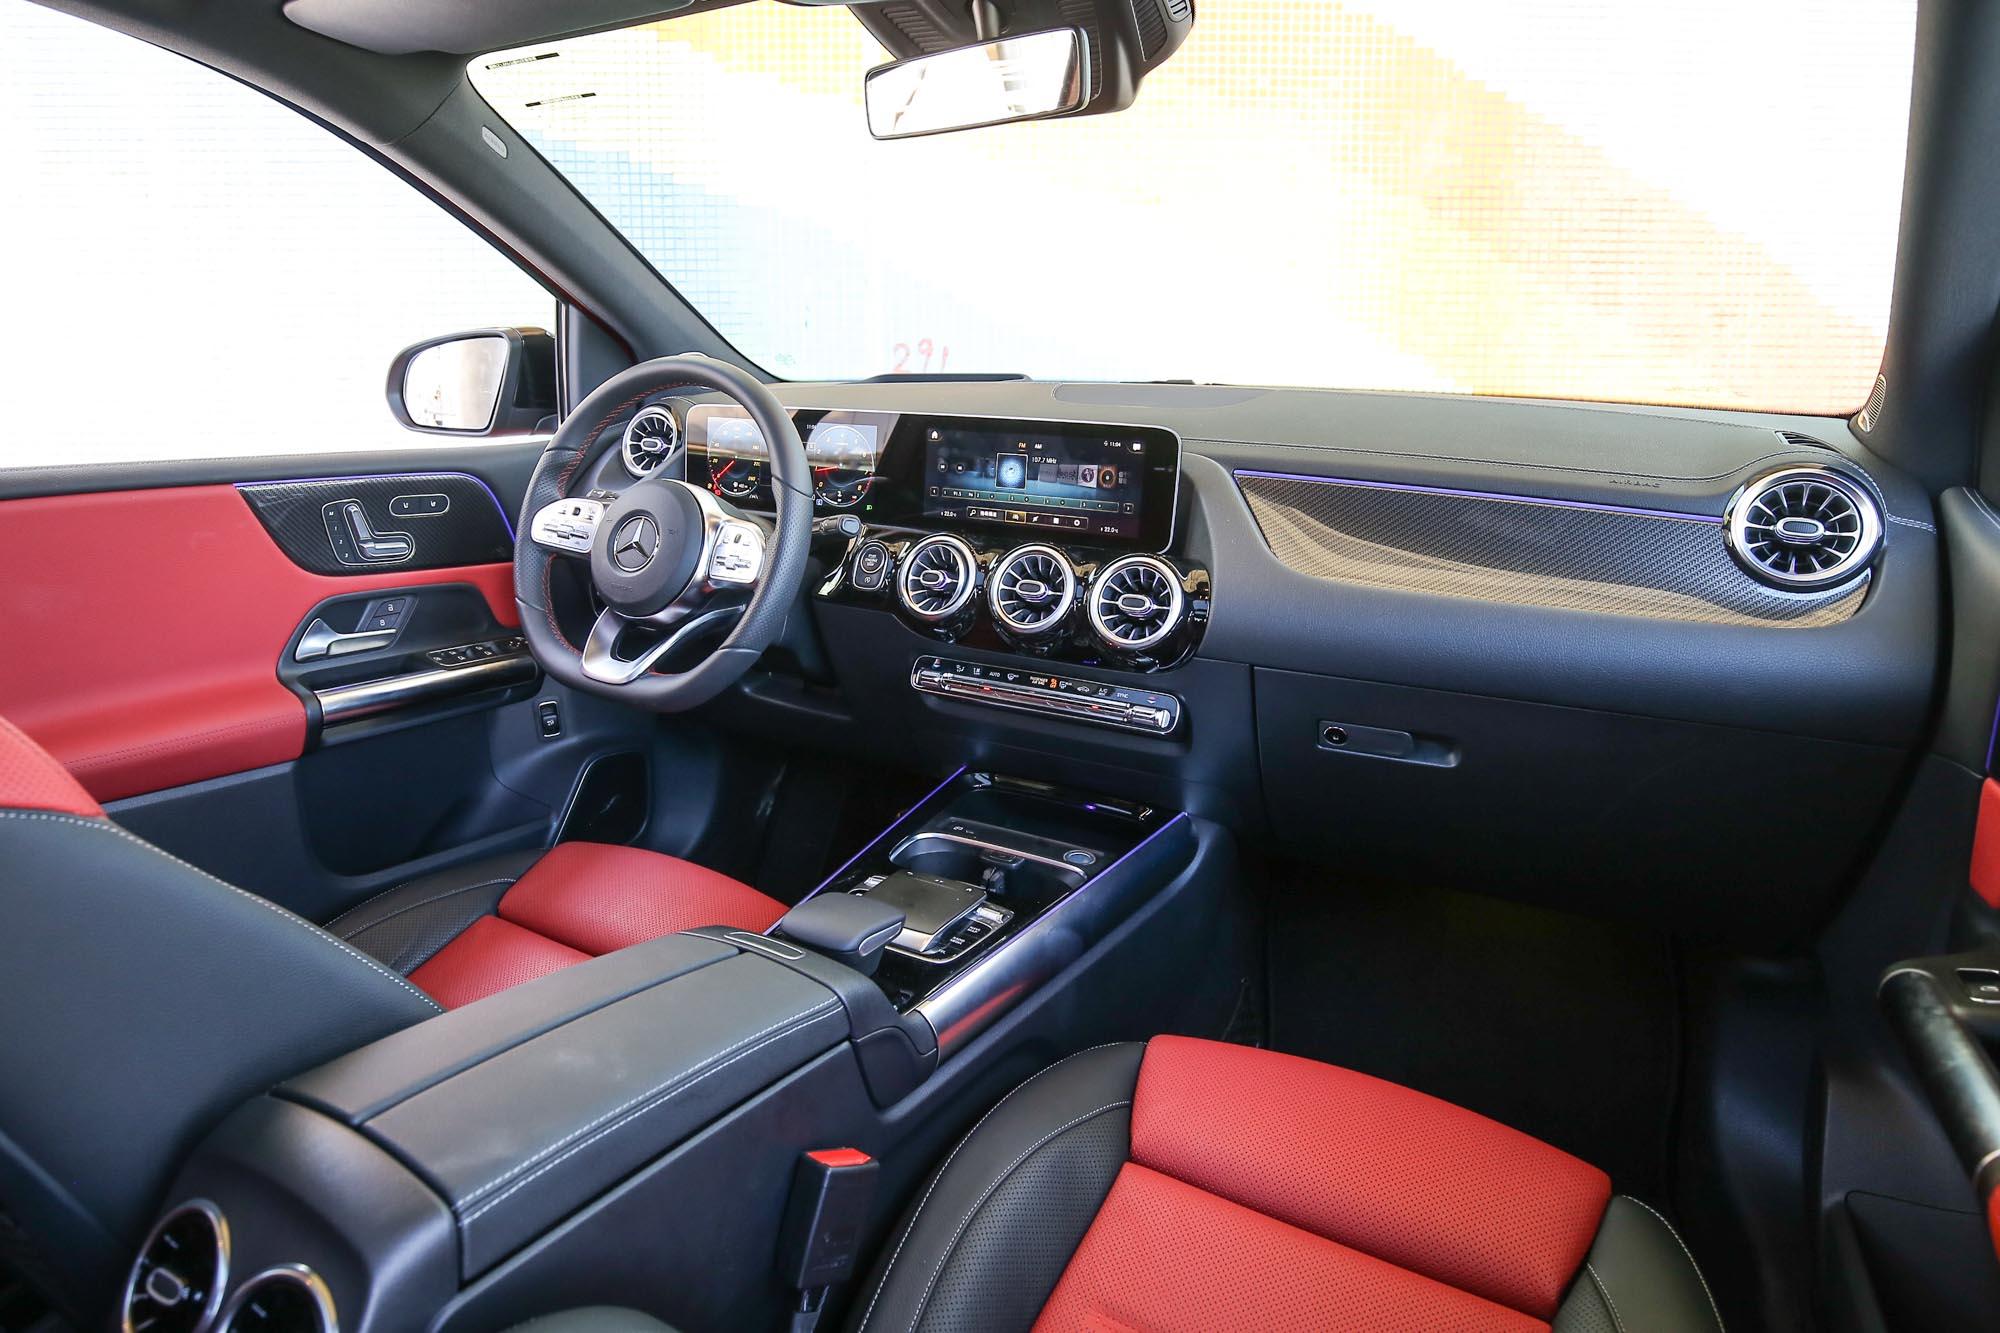 內裝設計與 A-Class 有八成像,同樣配備 MBUX 多媒體功能。試駕車選配 10.25 吋數位儀表,標配為 7 吋。